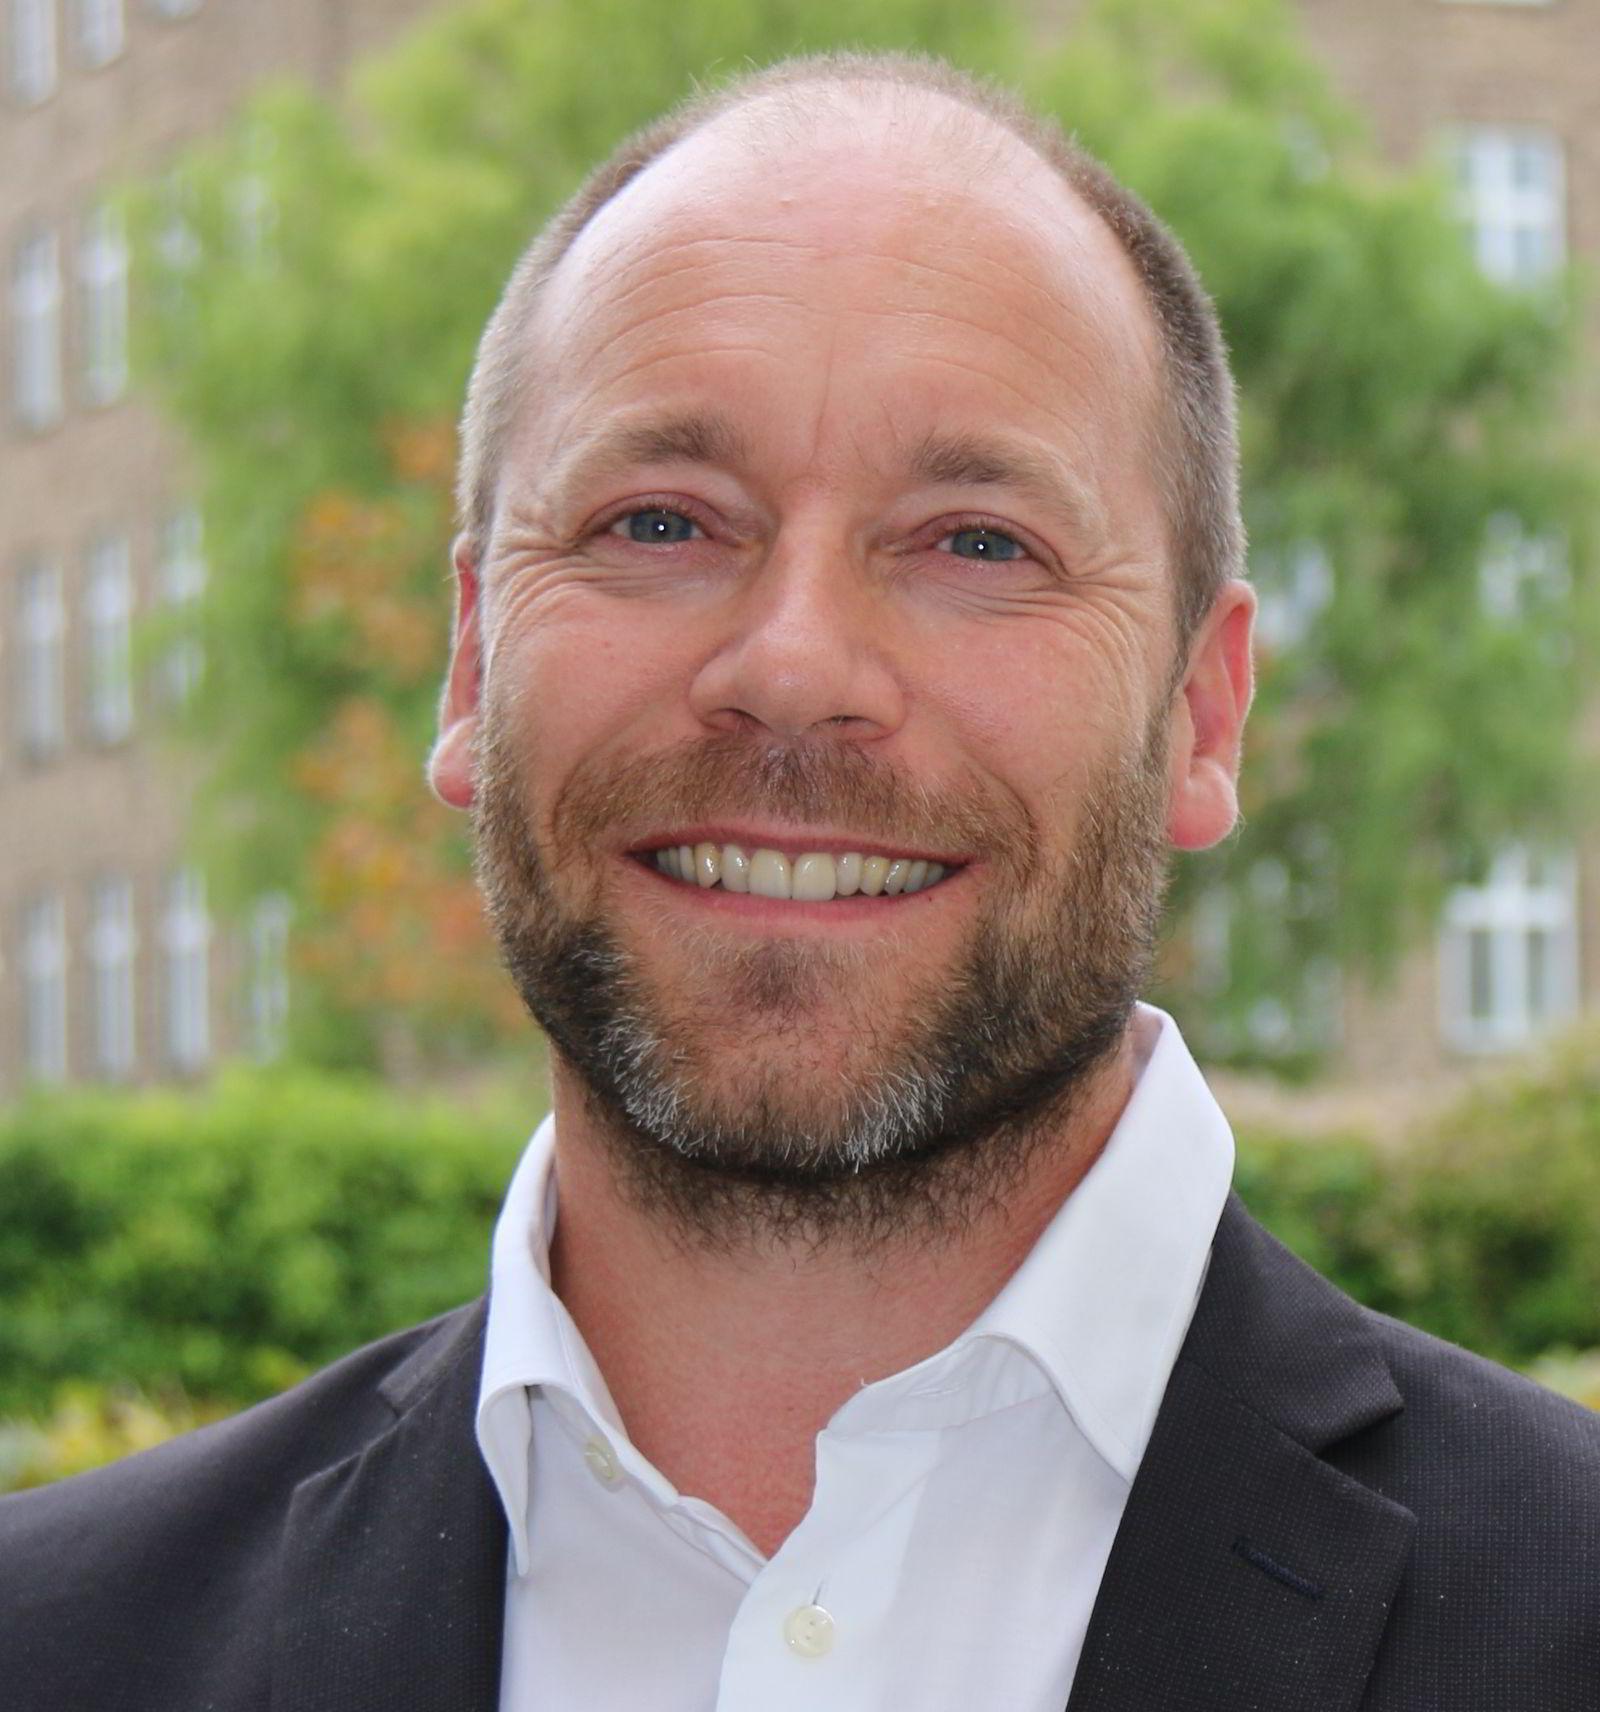 Dekan Espen Gressetvold ved NTNU Handelshøyskolen i Trondheim.